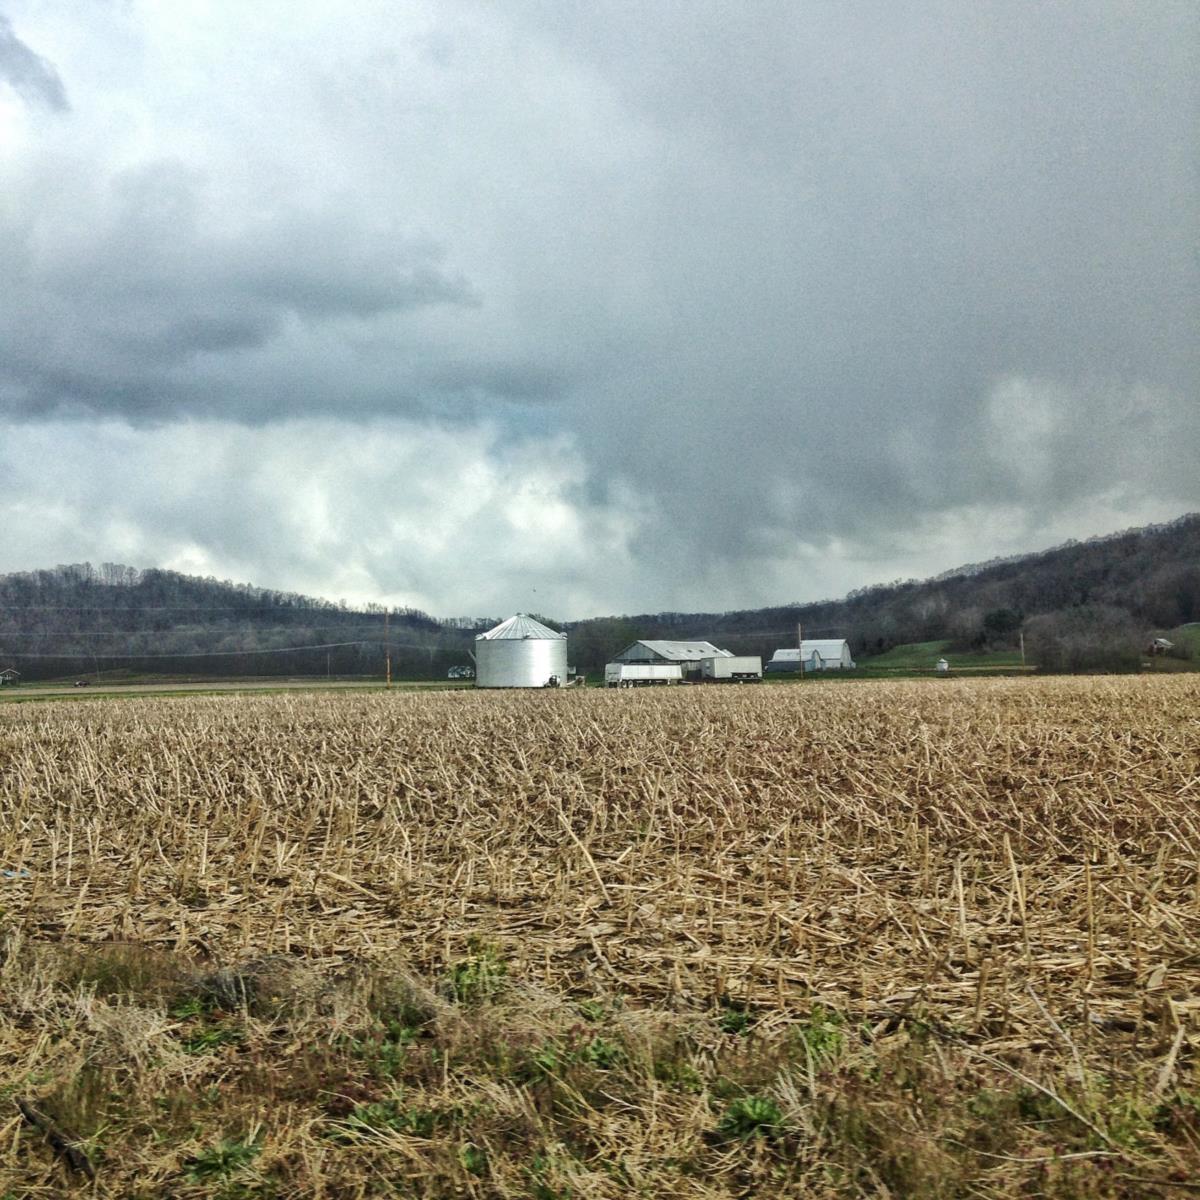 Atravessar o Ohio é ver o rasto das ceifeiras industriais em vastos campos de soja, aveia, milho e uma intrincada rede de estradas